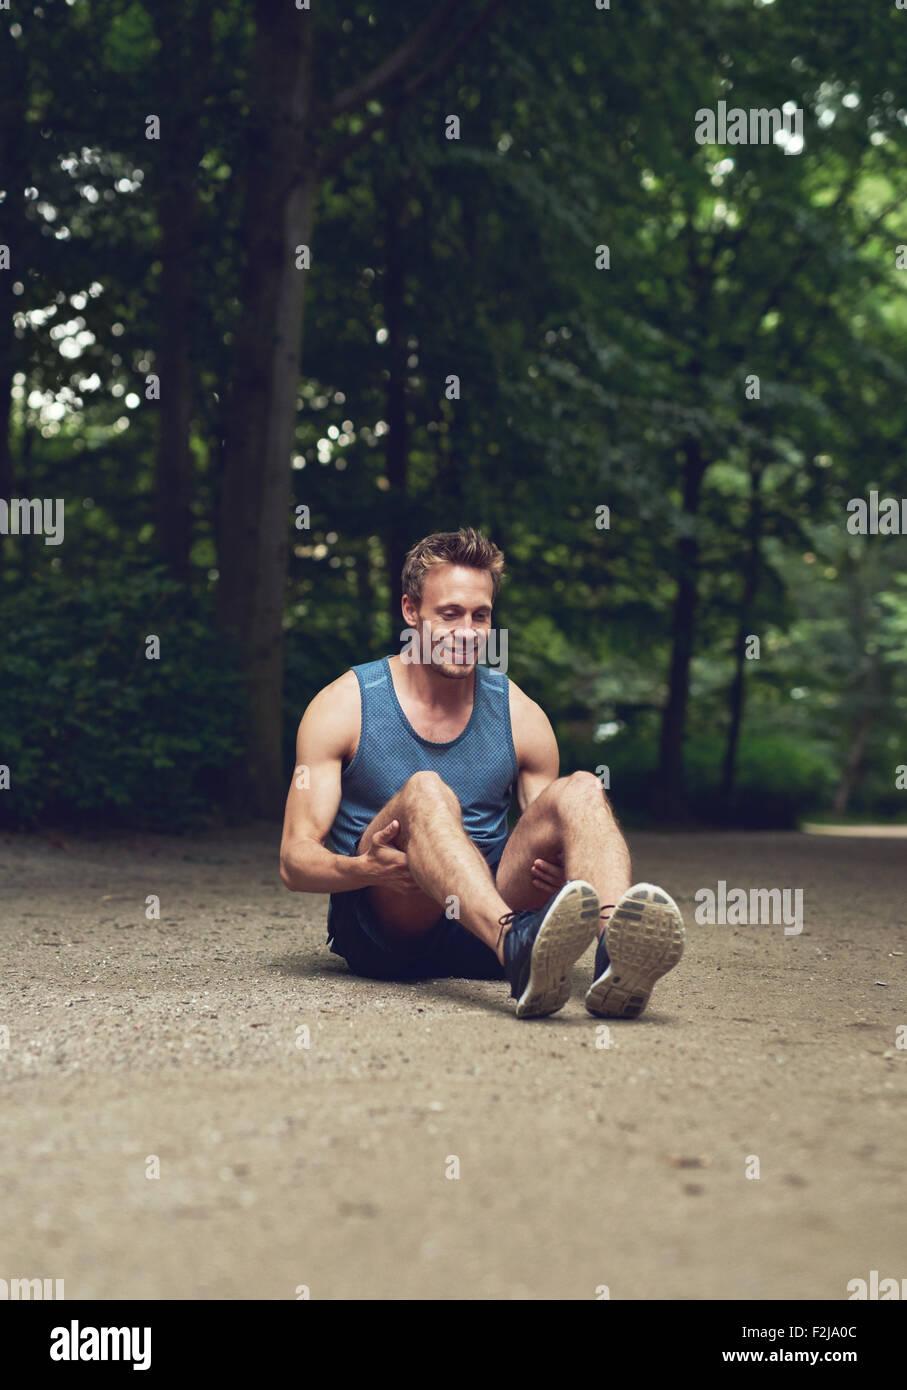 Athletic hombre joven sentado en el suelo en el parque y flexionando sus piernas como ejercicio de calentamiento, Imagen De Stock